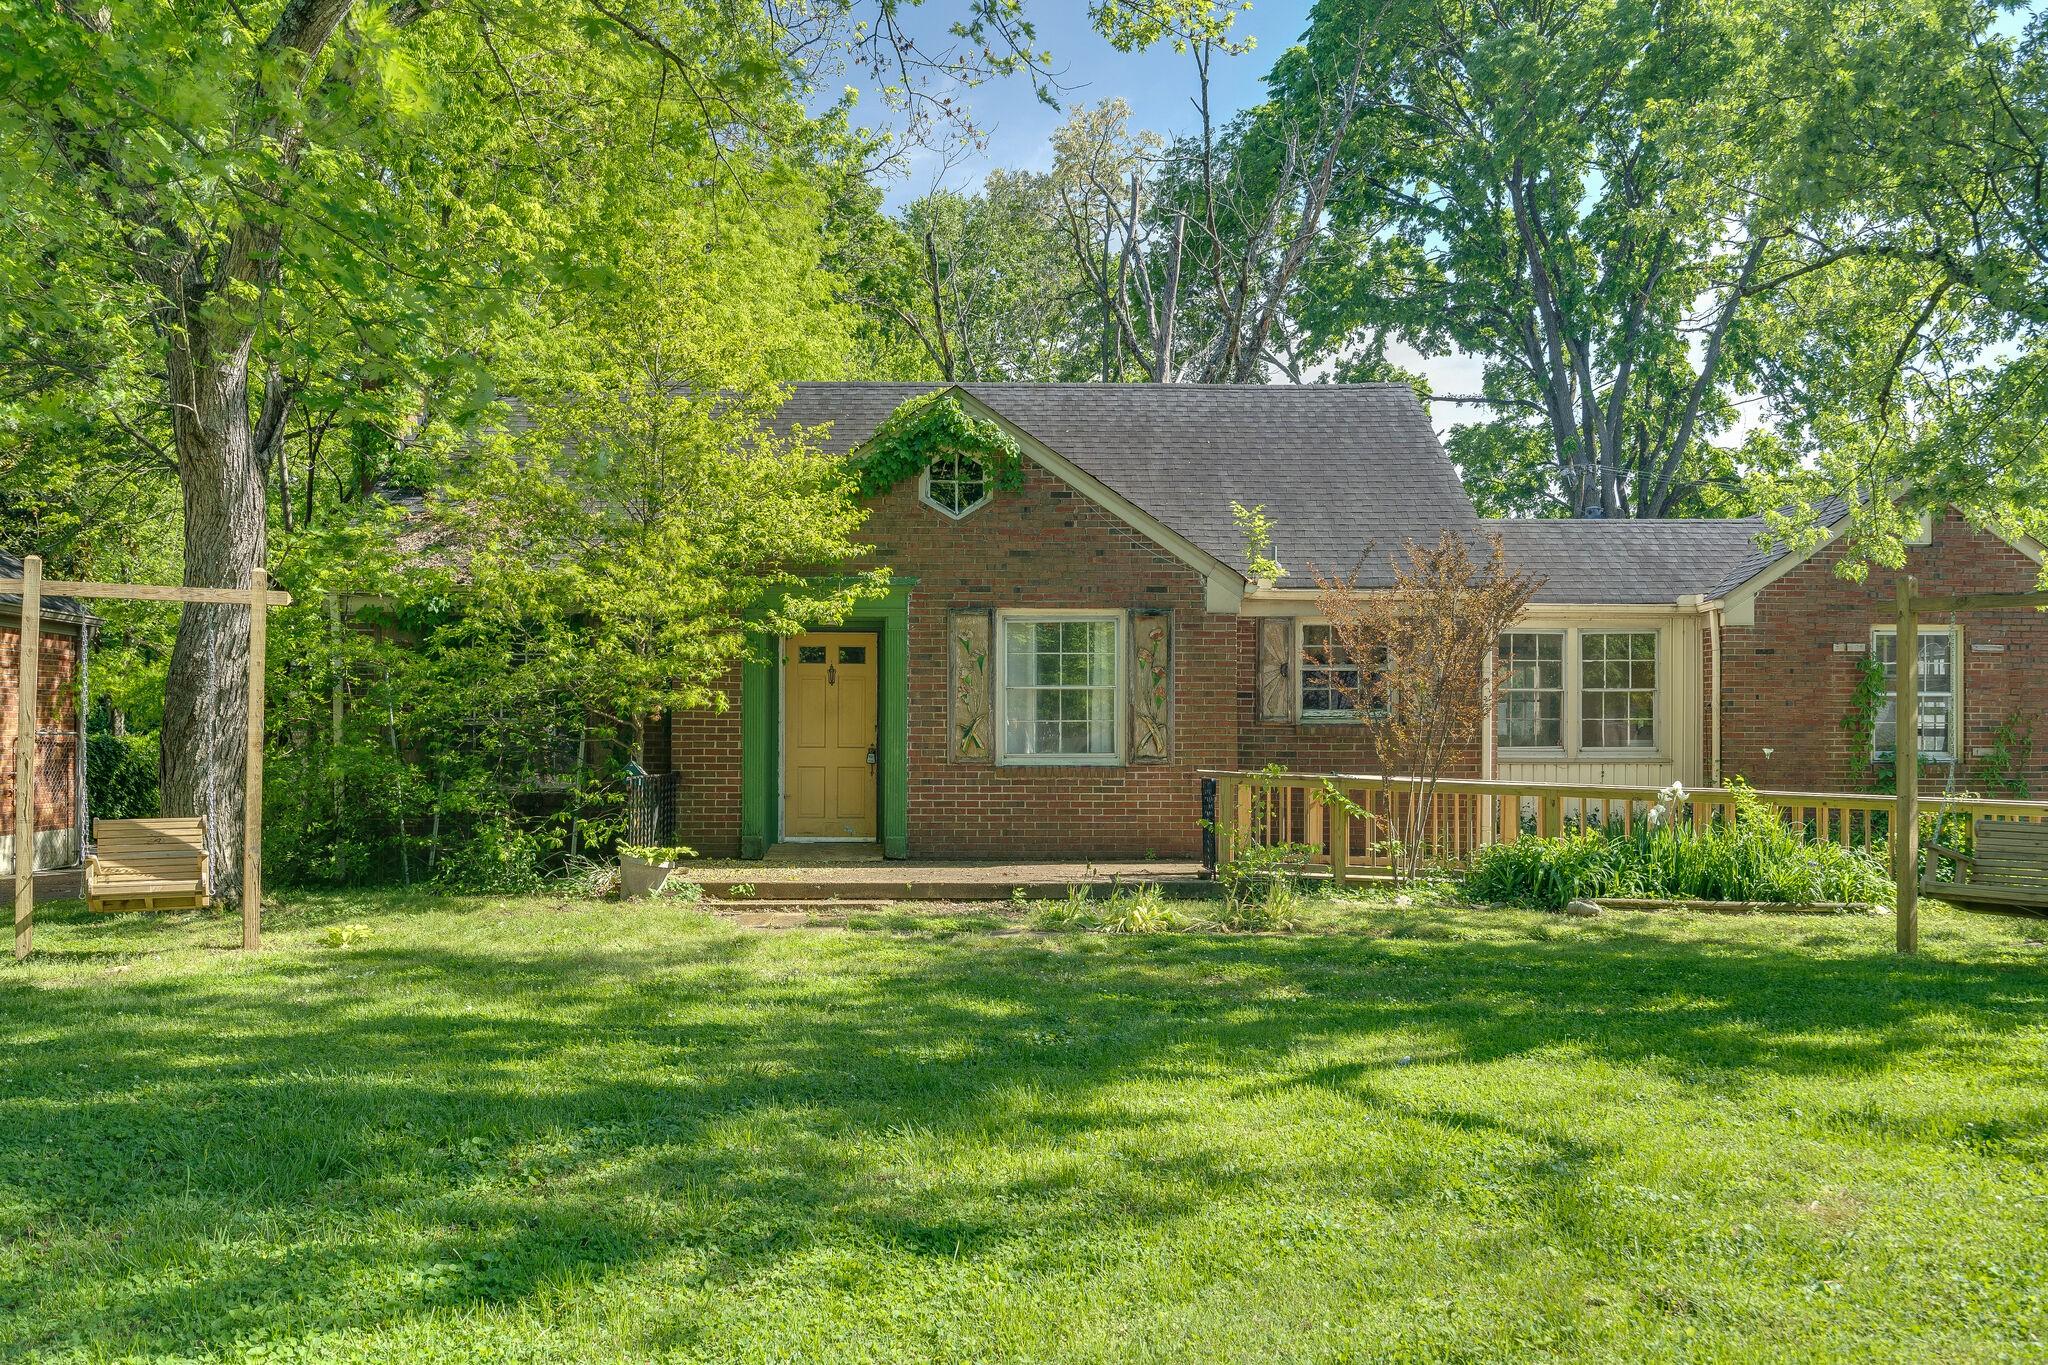 205 Dellrose Dr Property Photo - Nashville, TN real estate listing